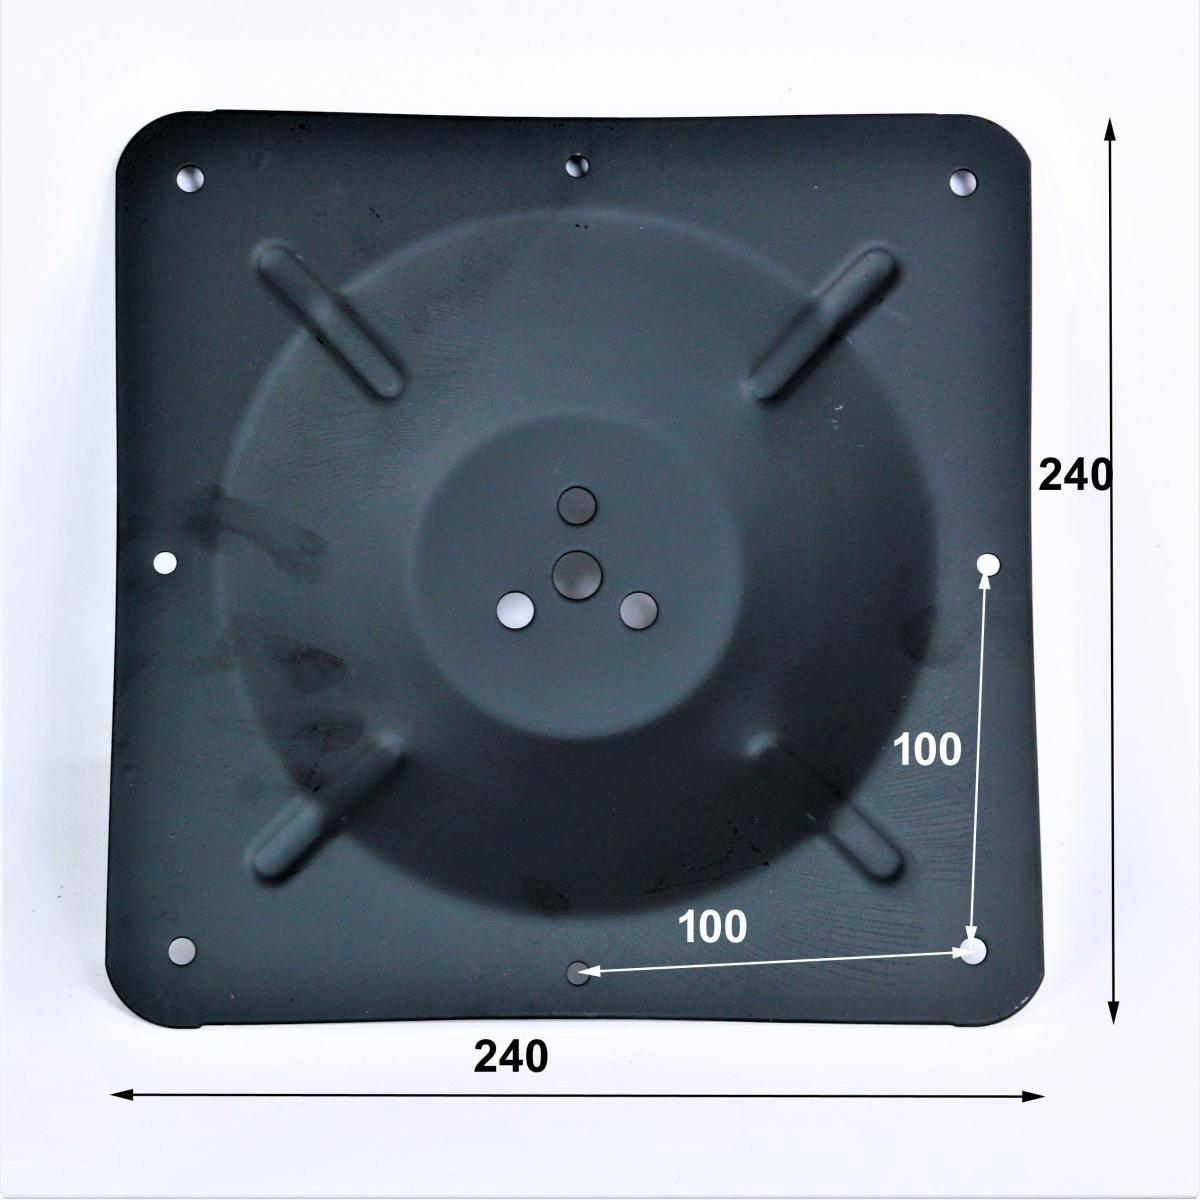 Tischgestell 105 cm eckiger Fu/ßHannover Tischfu/ß Edelstahl schwarzes Gestell